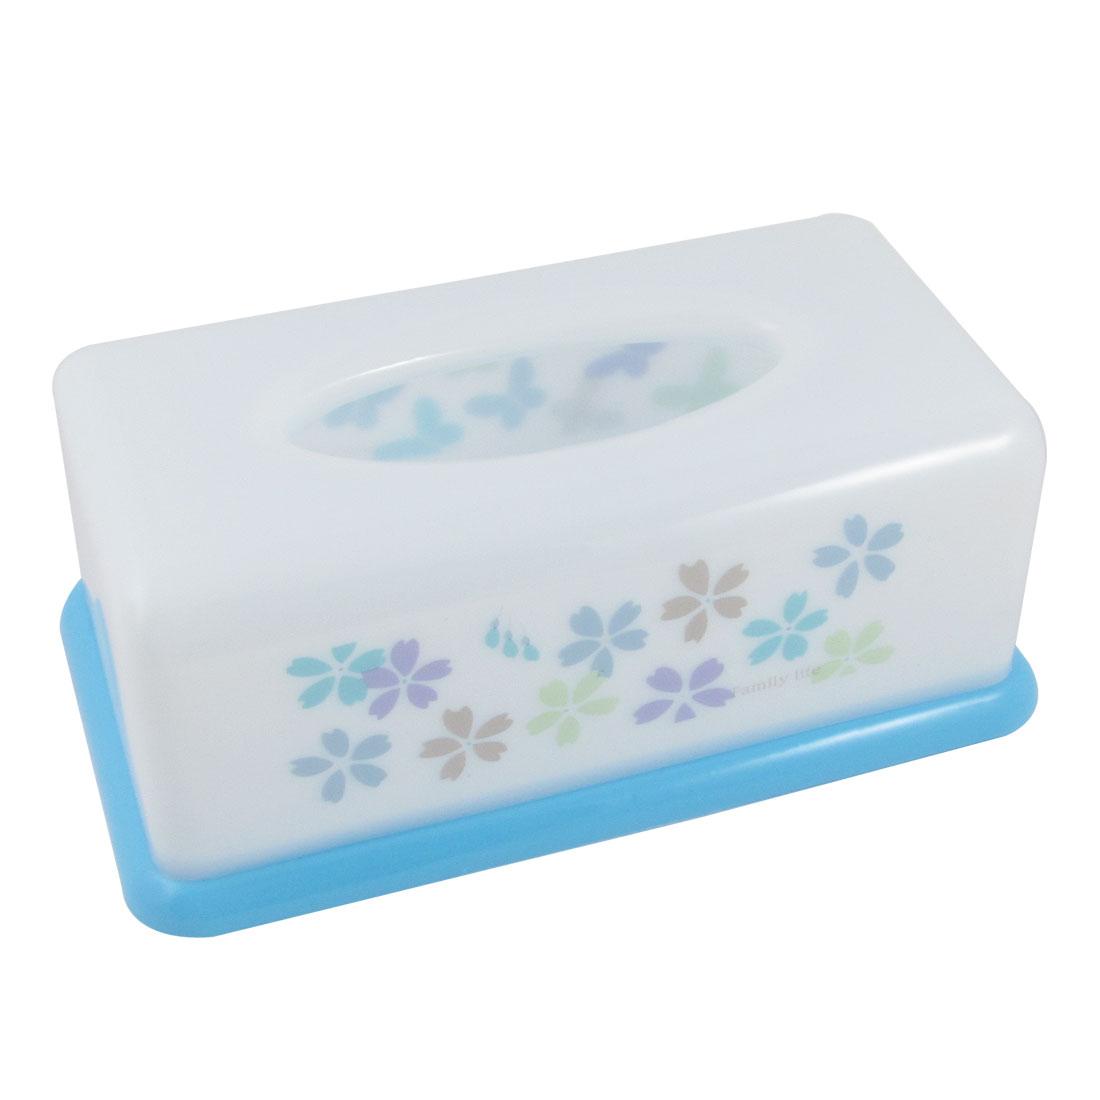 Home Butterfly Printed Plastic Rectangular Napkin Tissue Holder Blue White